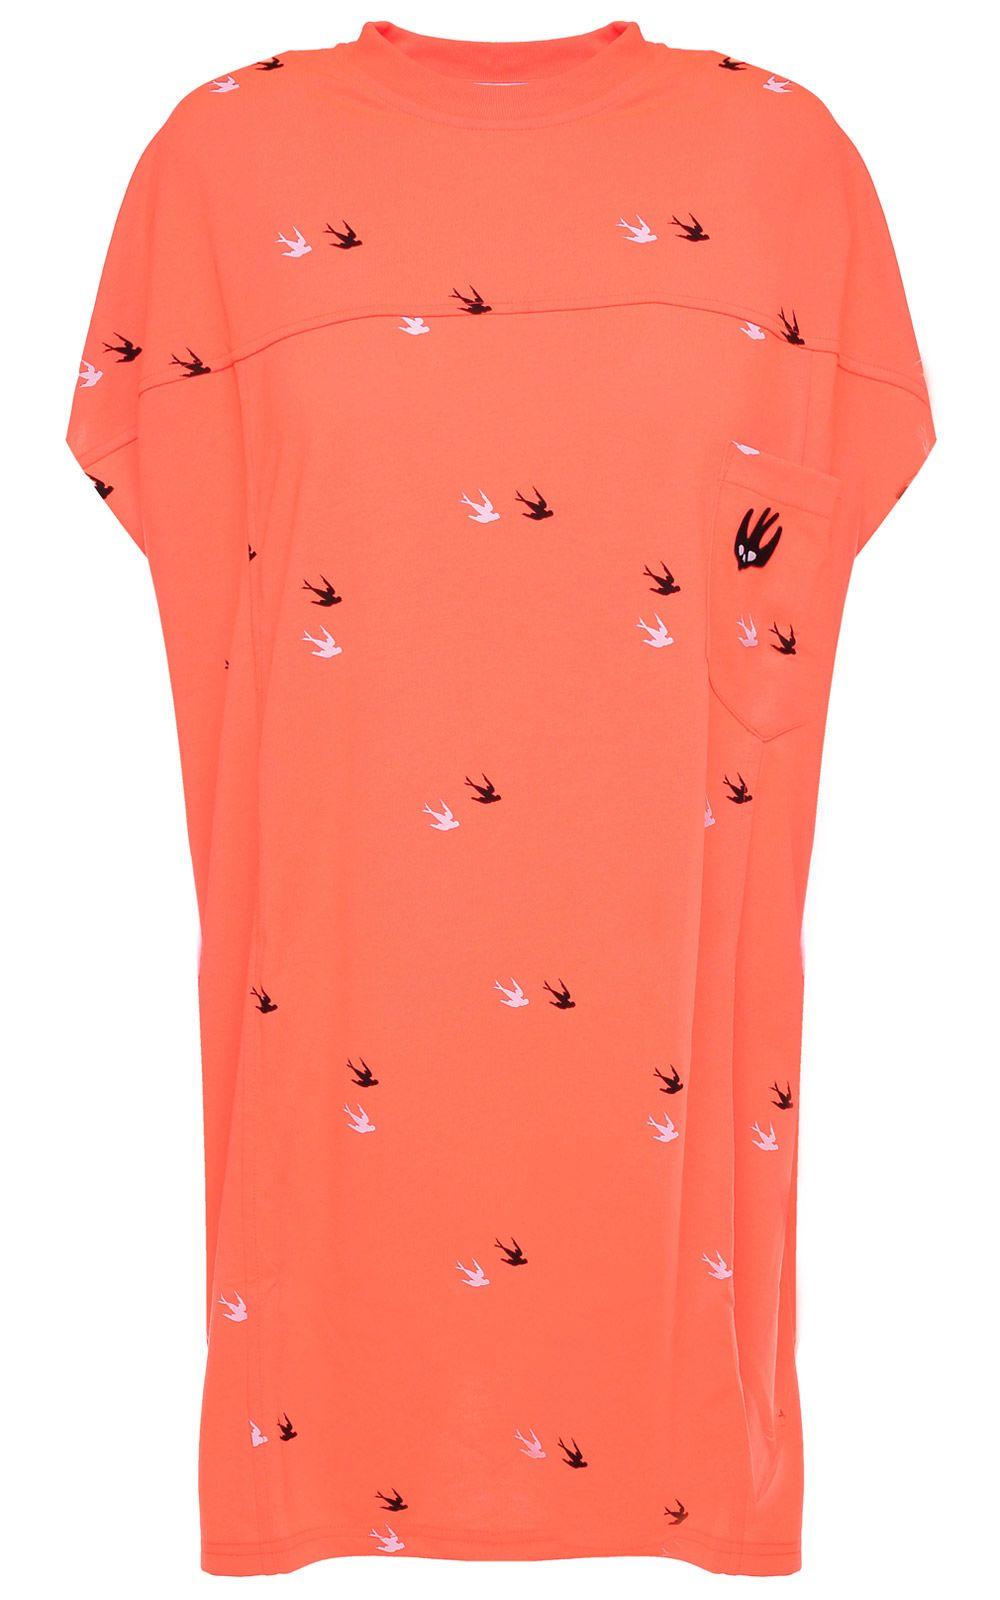 McQ Alexander McQueen Deco Swallow Cotton-jersey T-shirt Dress